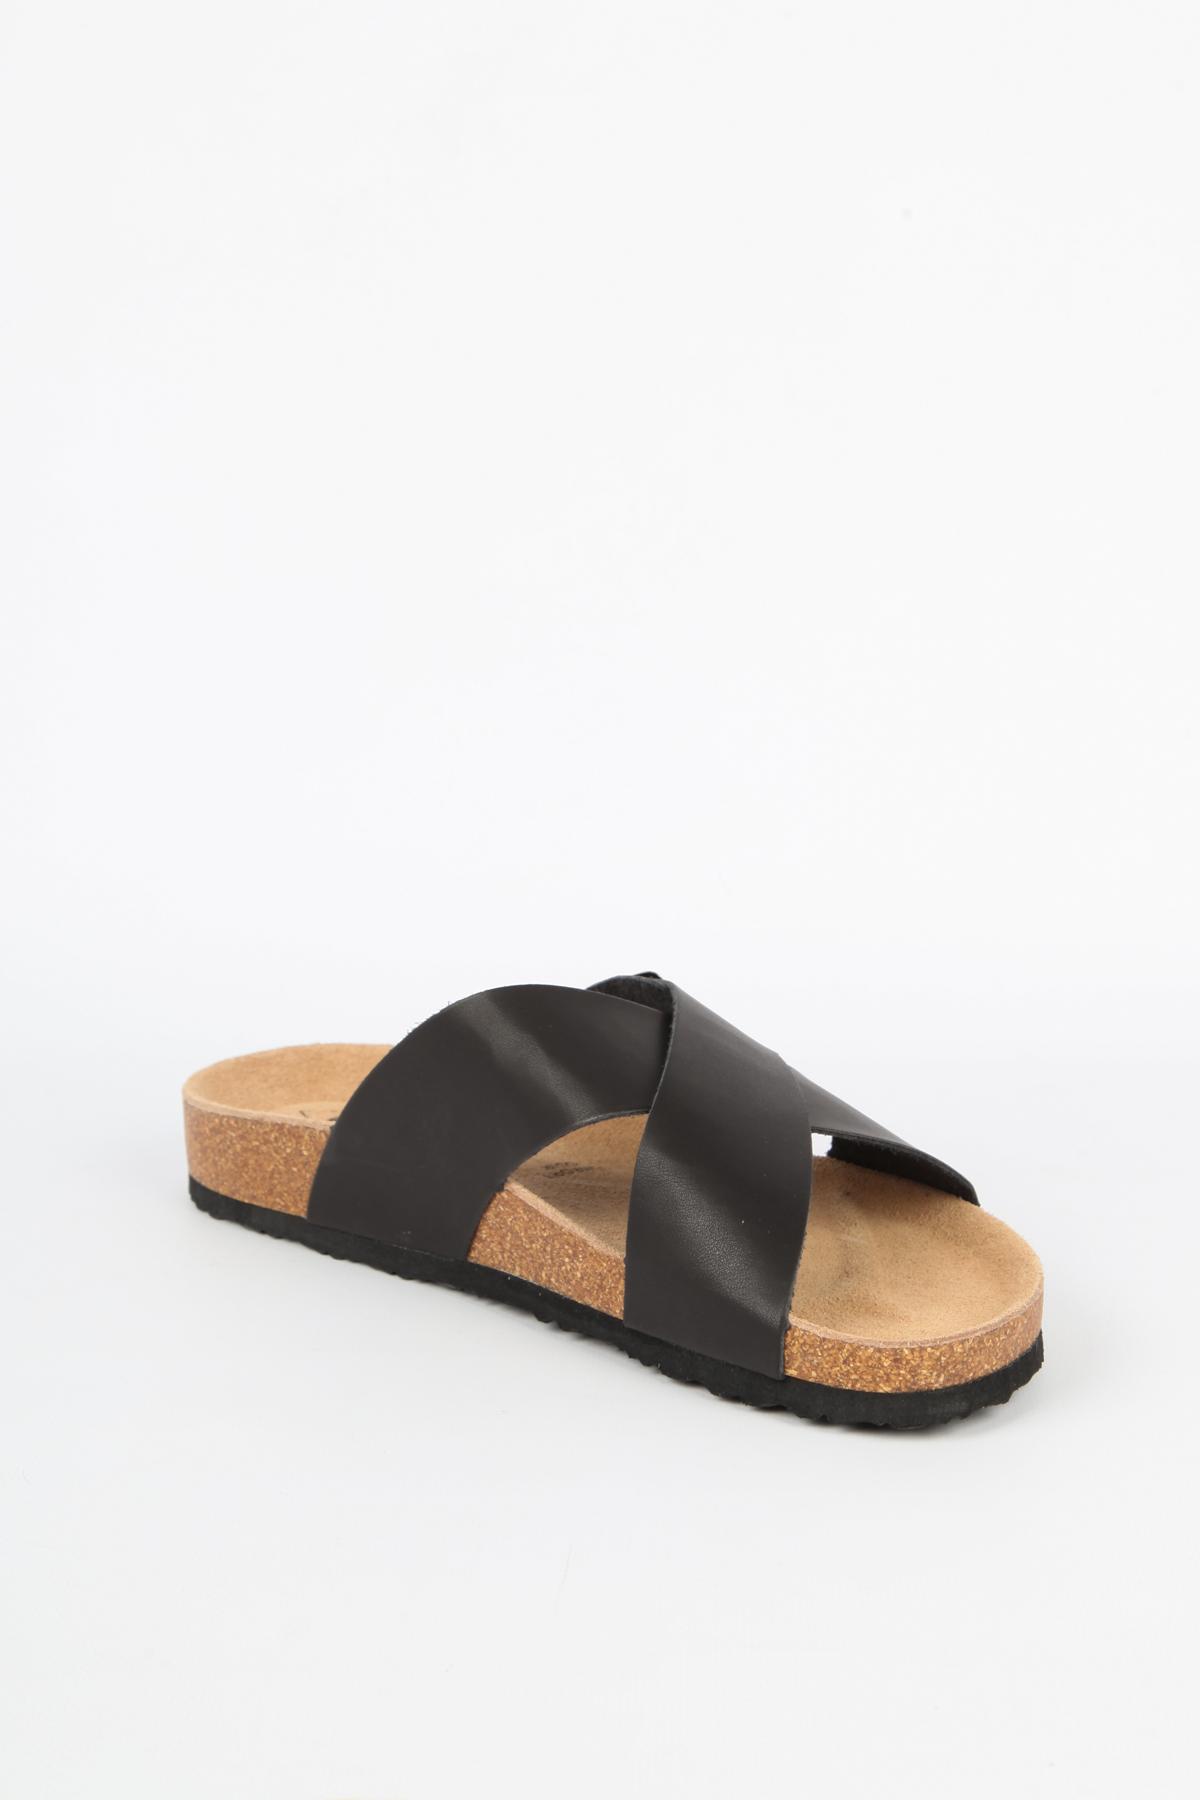 Sandales Chaussures Couleurs mélangées ETS MICHEL MENTOR #c eFashion Paris